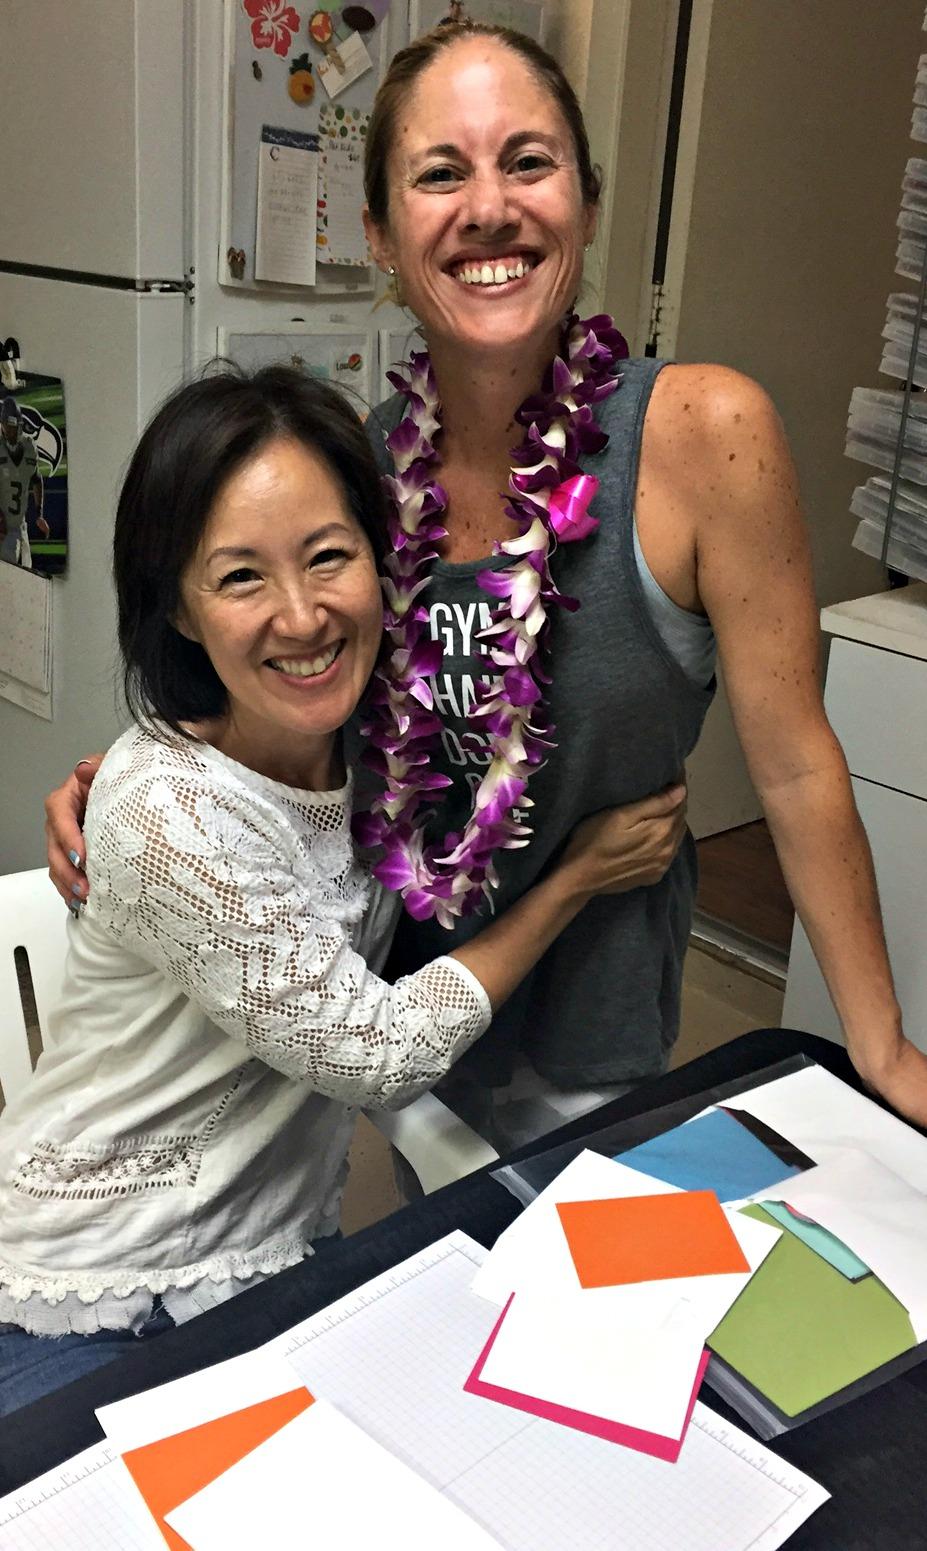 Pam and Jennifer - www.stampedwithaloha.com